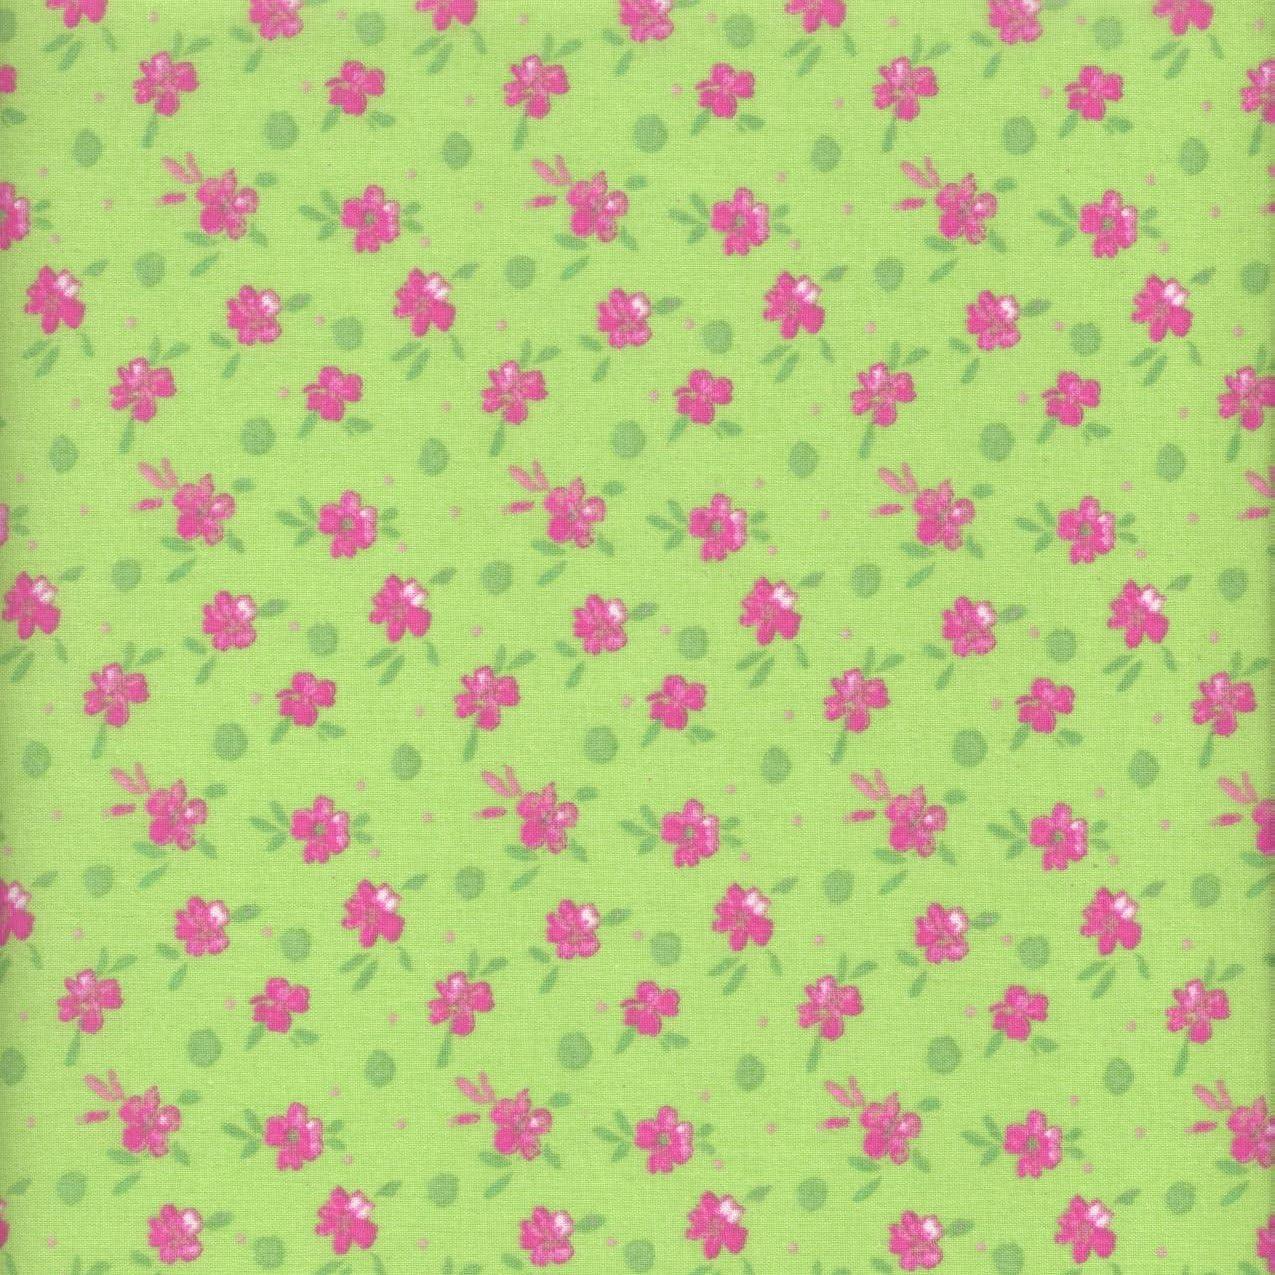 Tela verde y rosa jardín de flores (Colección un jardín rústico - rosa y menta) - 100% algodón suave | ancho: 140cm (1 metro): Amazon.es: Hogar